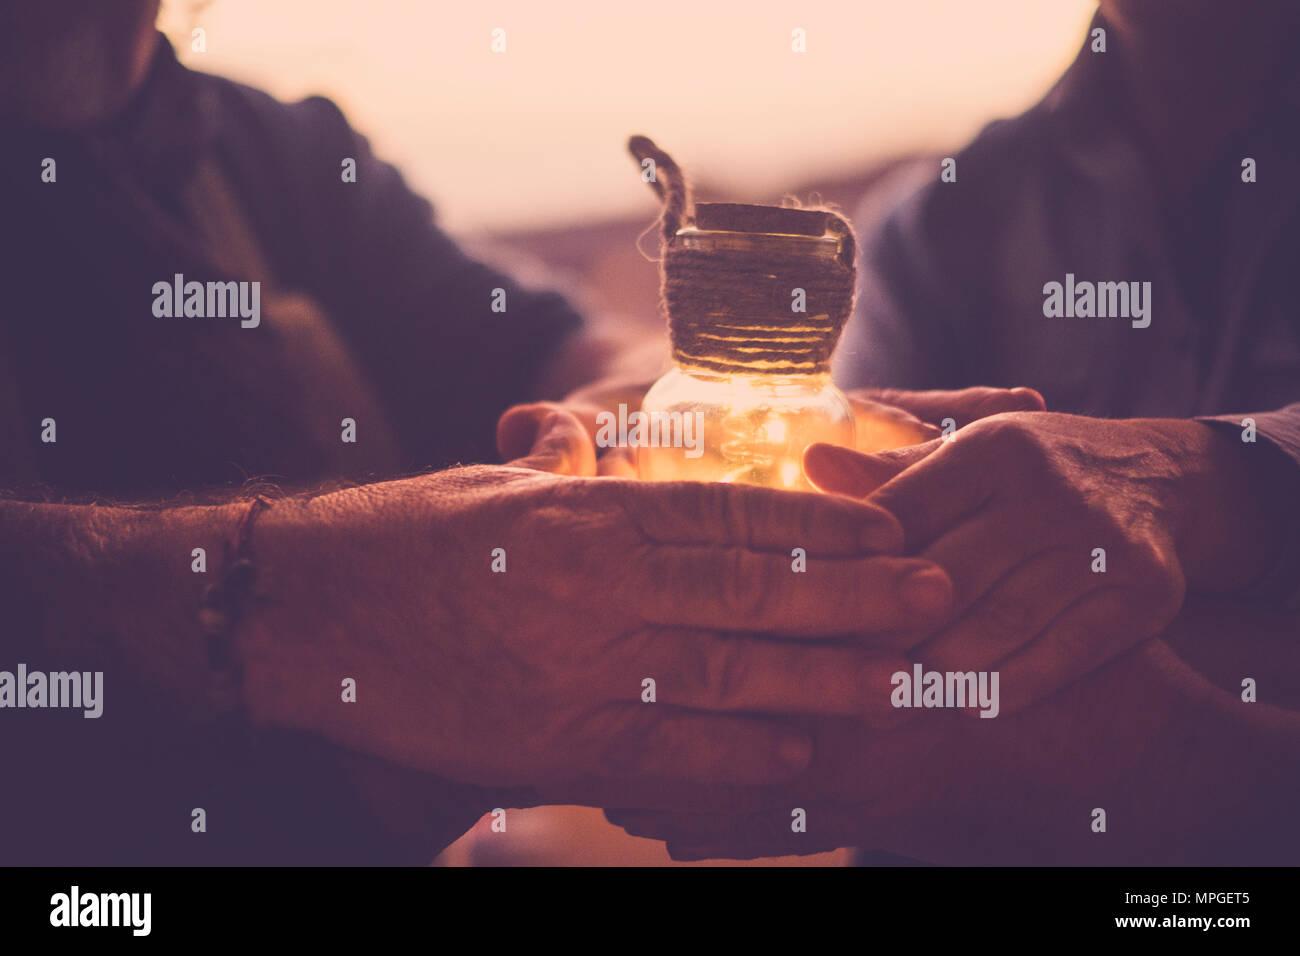 8 manos unidas mantenga un pequeño frasco de vidrio que contiene una luz amarilla. Imagen De Stock